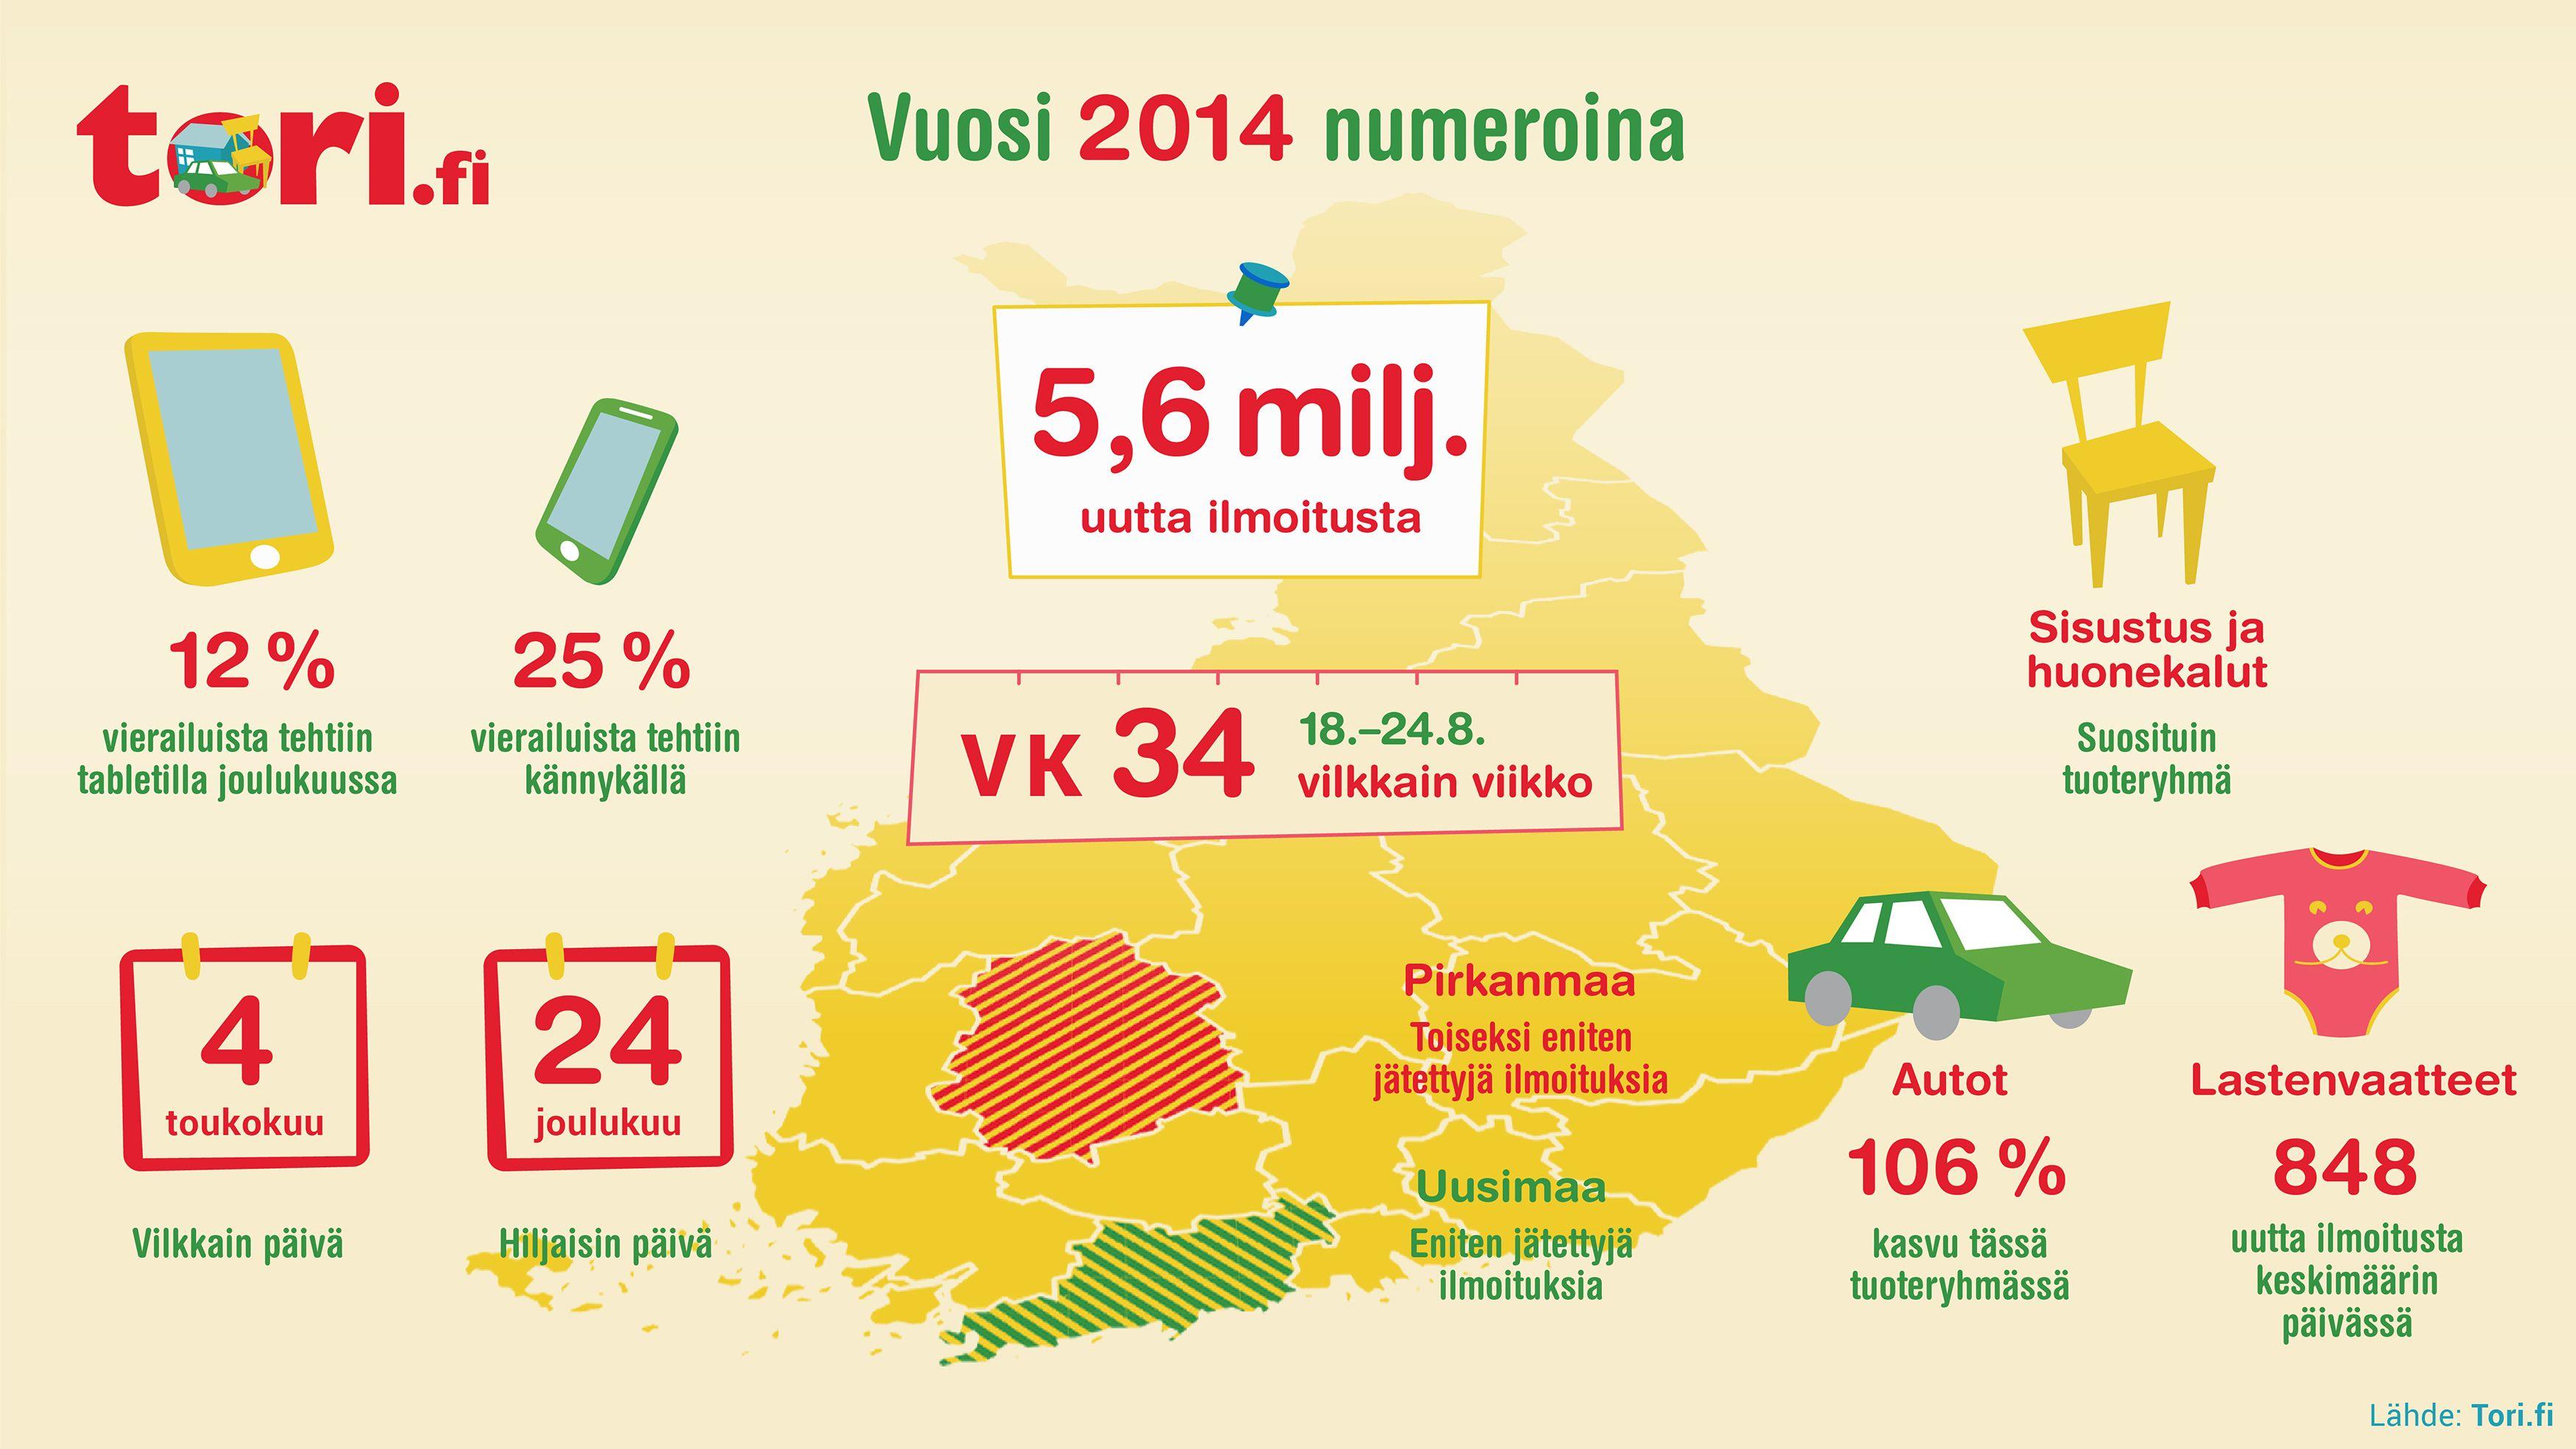 Torin vuosi 2014 lukuina. #vertaistalous #auto #sisustus #lastenvaatteet #vaatteet #mobiili #tabletti